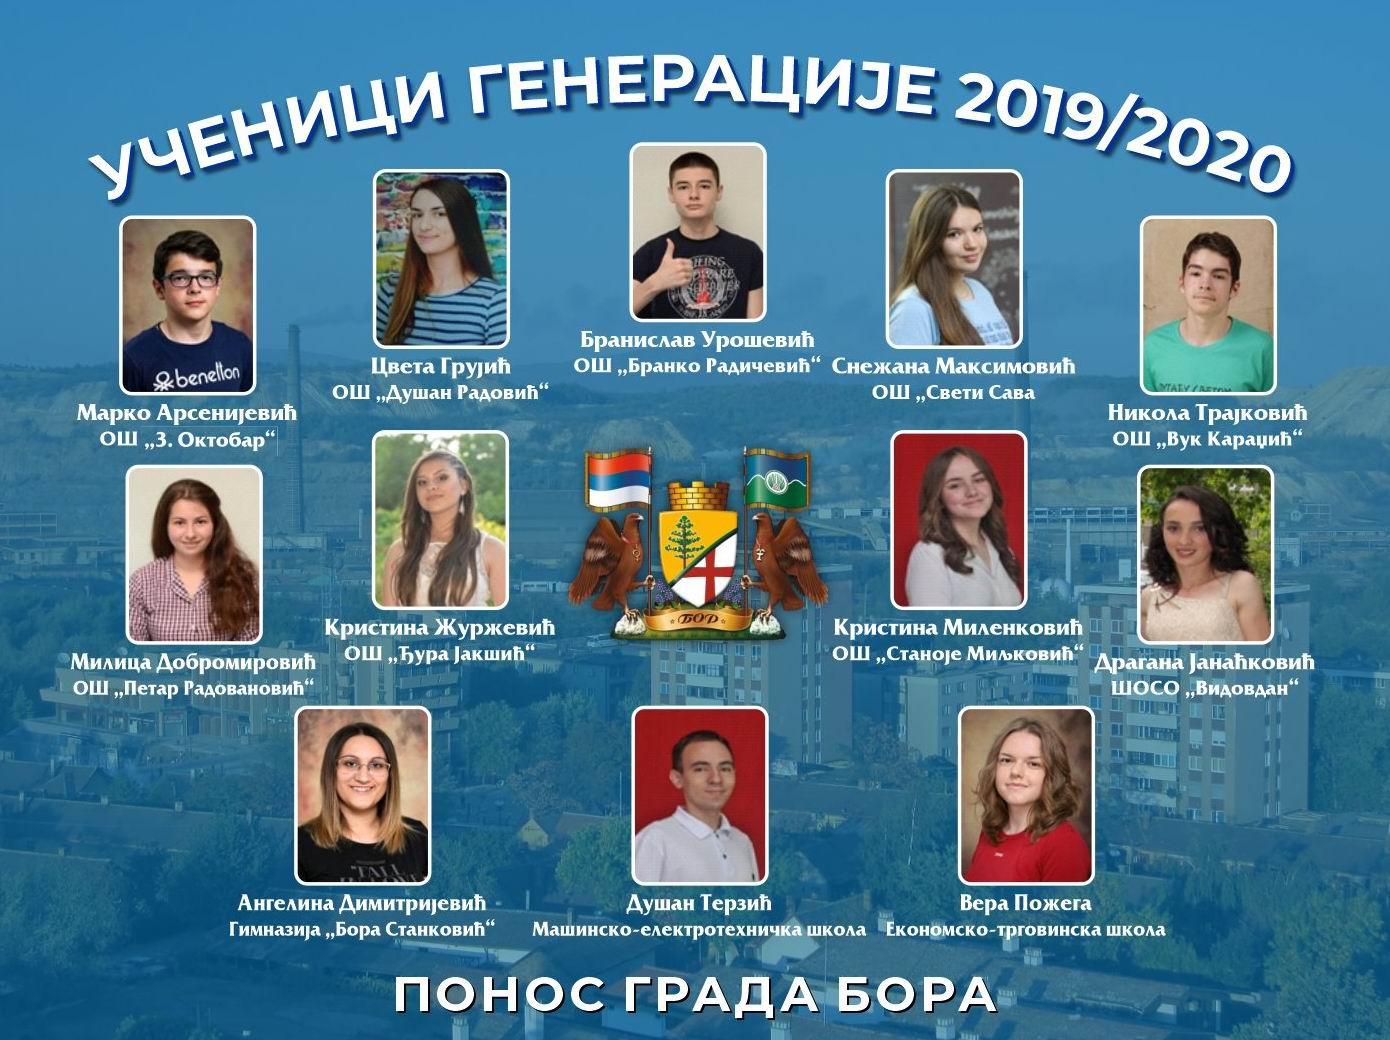 ucenici generacije 2019 2020 1